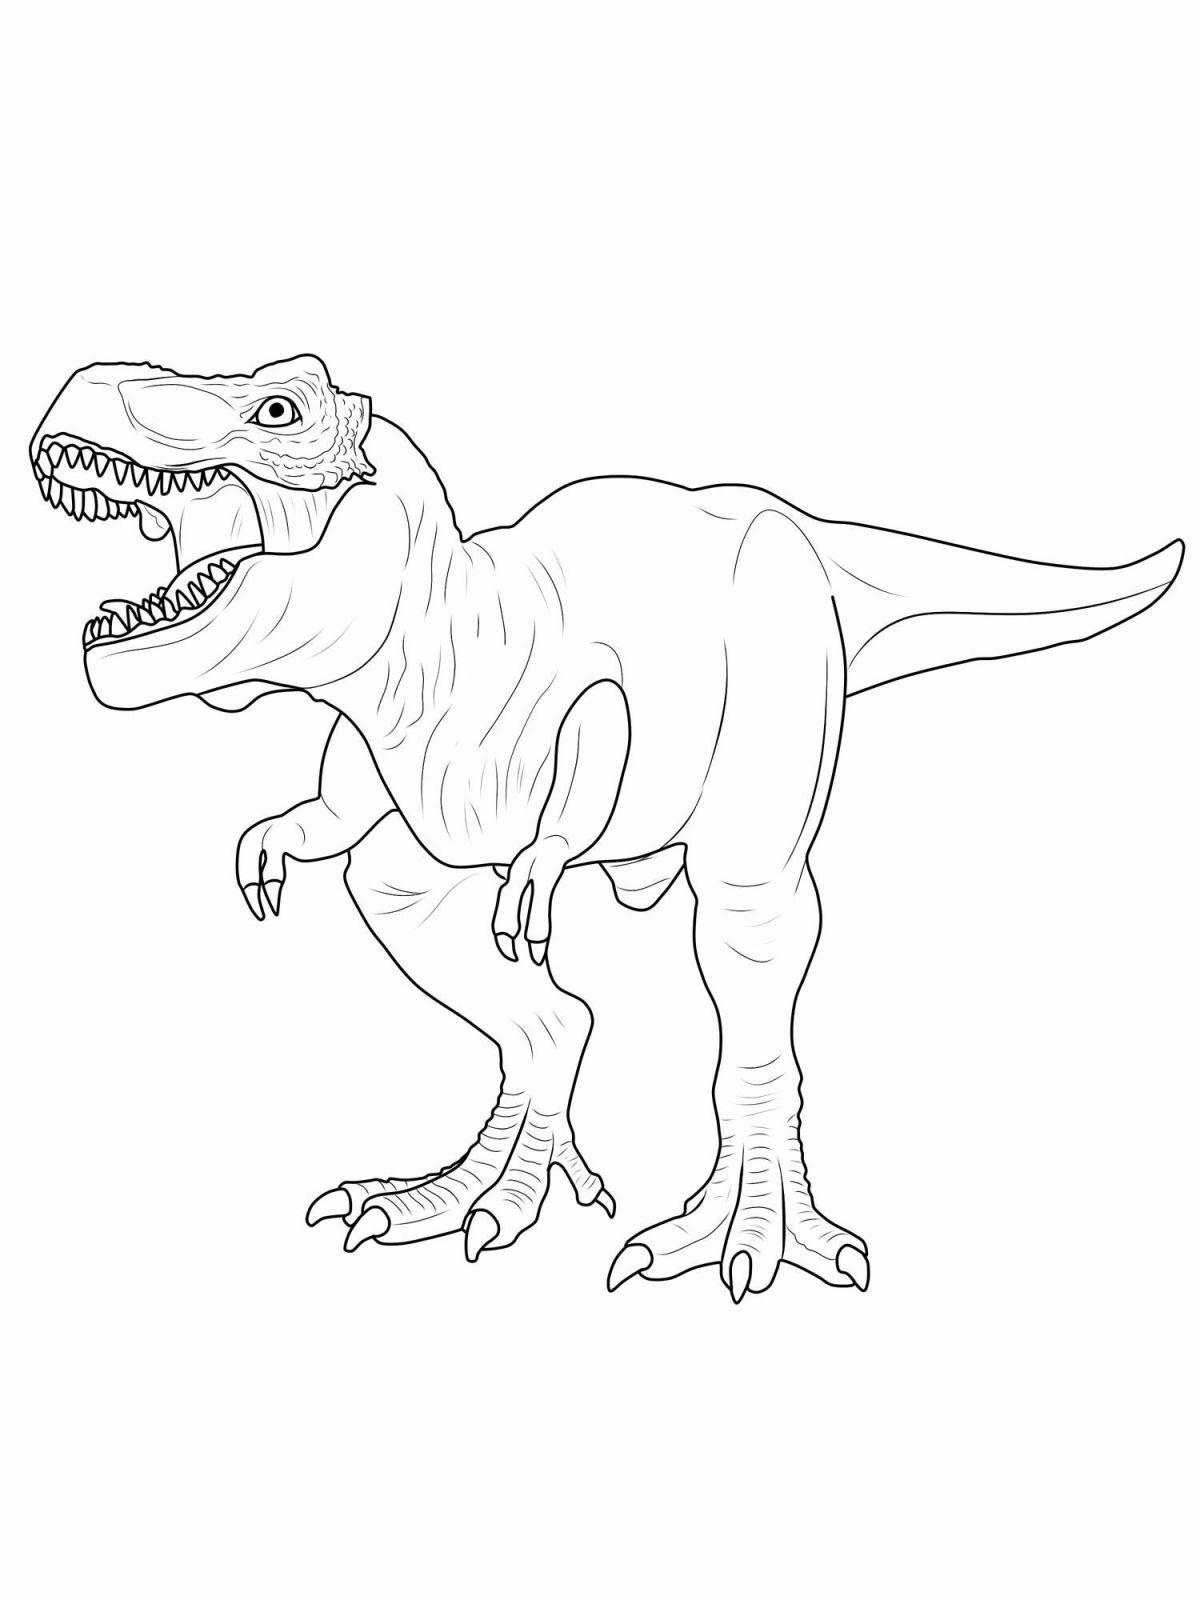 T Rex Malvorlage Frisch Ausmalbilder Arlo Und Spot Einzigartig Coloriage Dinosaure T Rex Bild